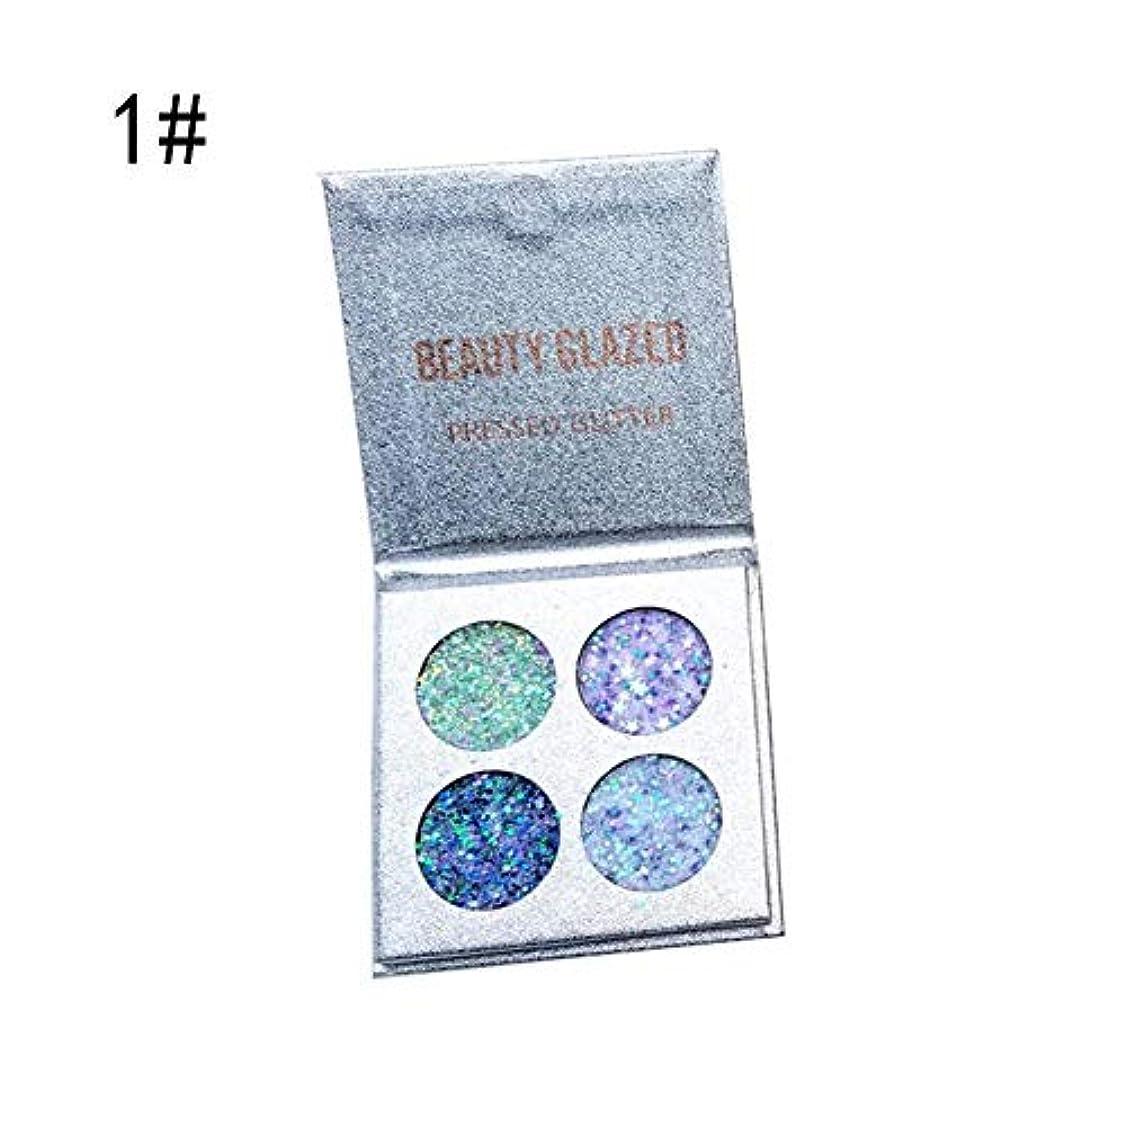 鹿インデックス芸術的BETTER YOU (ベター ュー) beauty glazed 4色スパンコールアイシャドウ、浮遊粉なし、しみ込みやすく、防水、防汗性、持続性、天然 (A 1#)